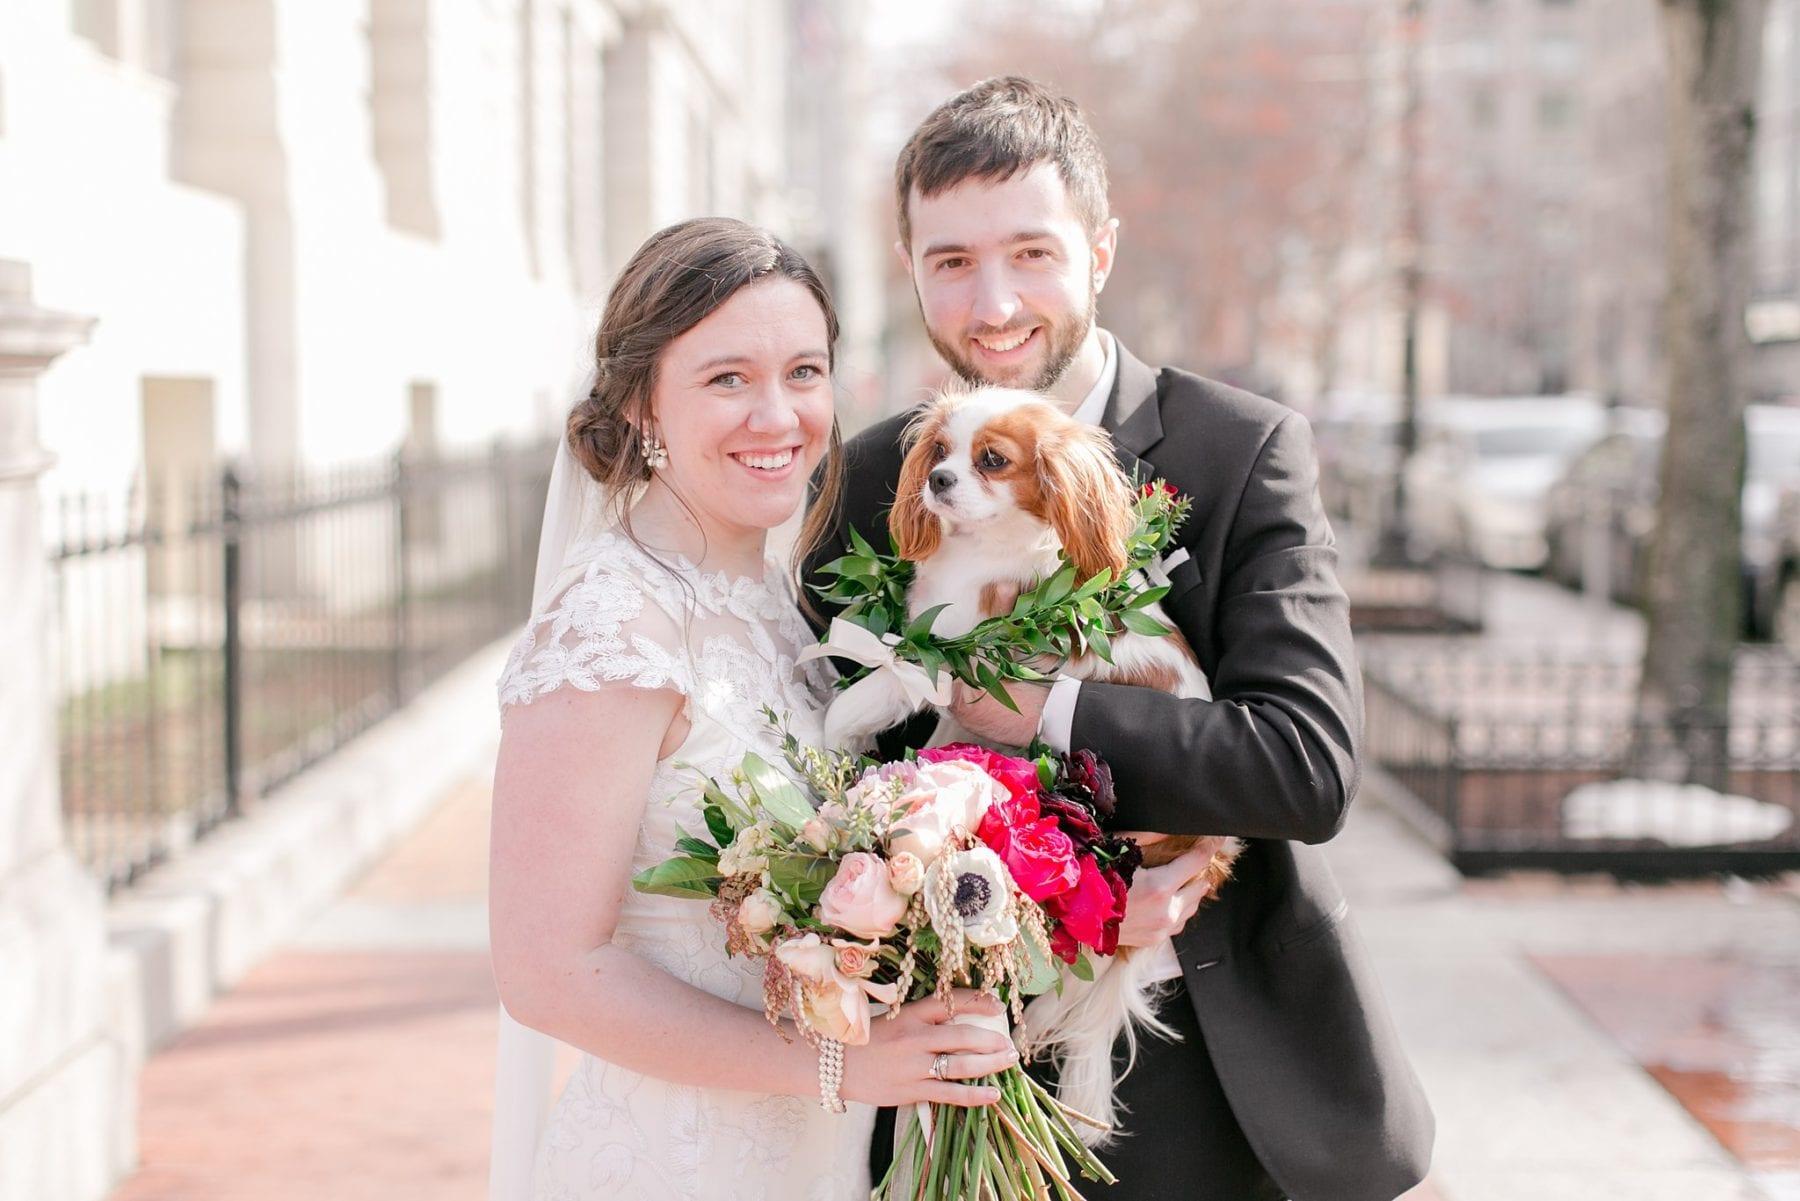 Hotel Monaco Washington DC Wedding Photos Megan Kelsey Photography Erin & Mike -224